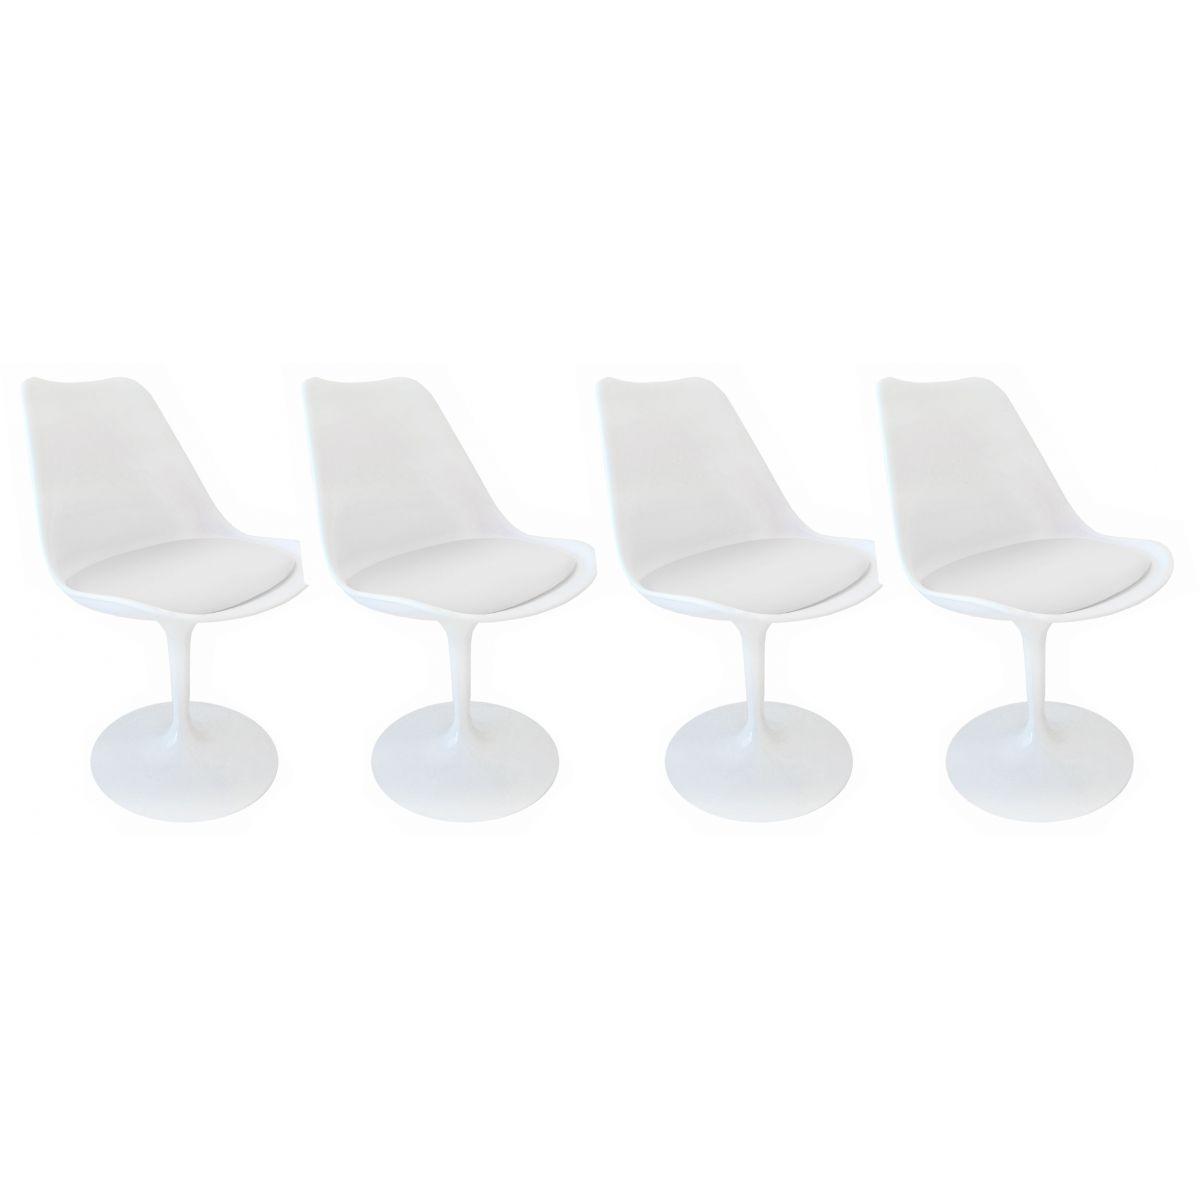 Kit 4 Cadeiras Design Saarinen Pelegrin PEL-1855H Giratória Branca em ABS